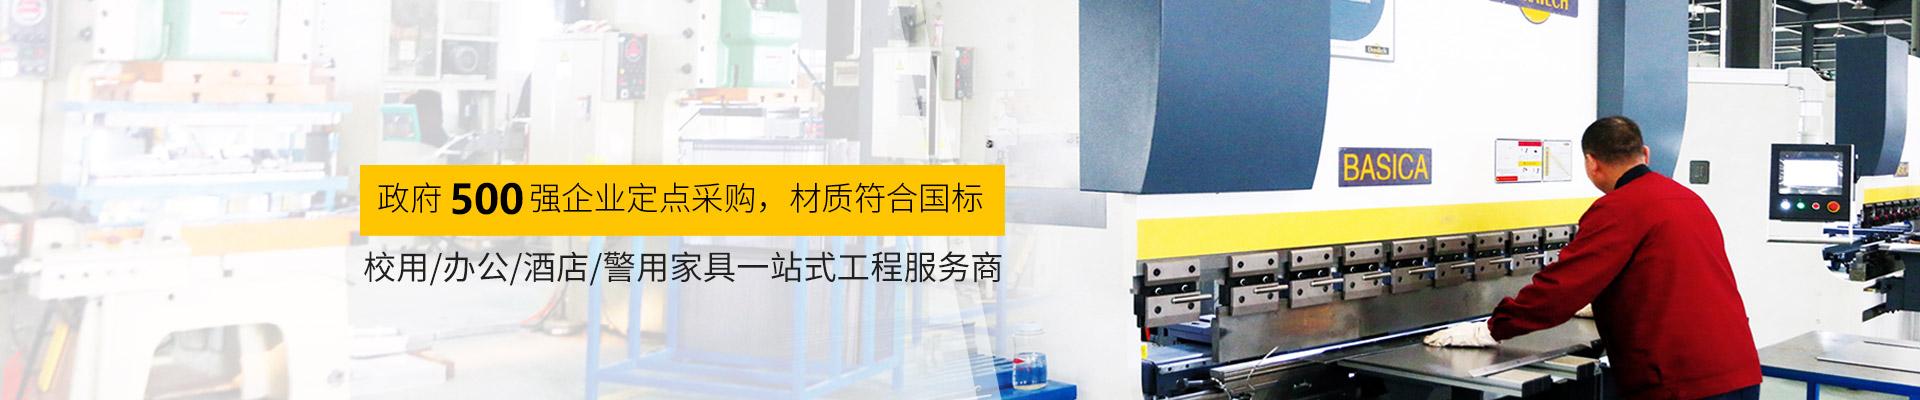 世纪联合-政府500强企业定点采购,材质符合国标